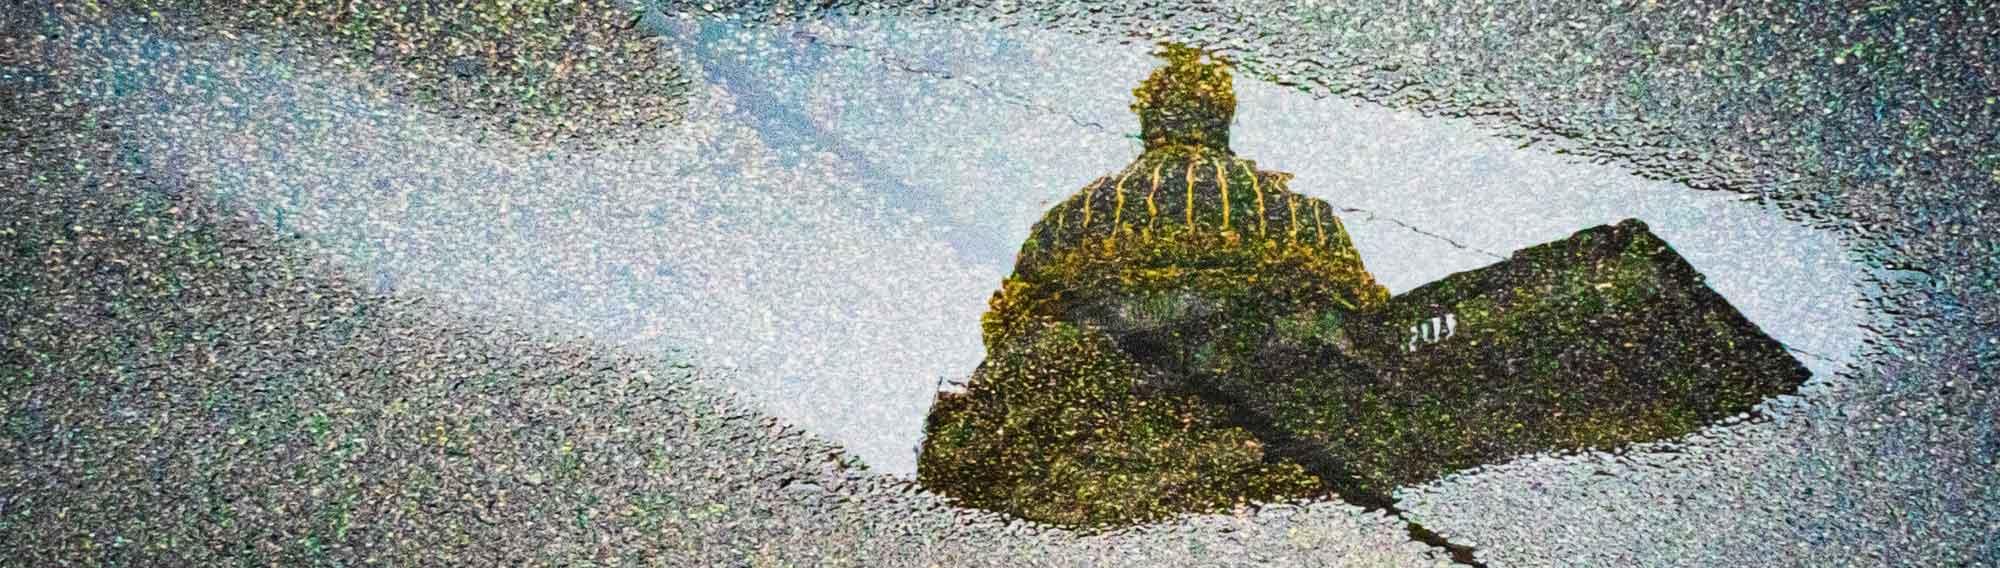 reflet de justice illustration cropped